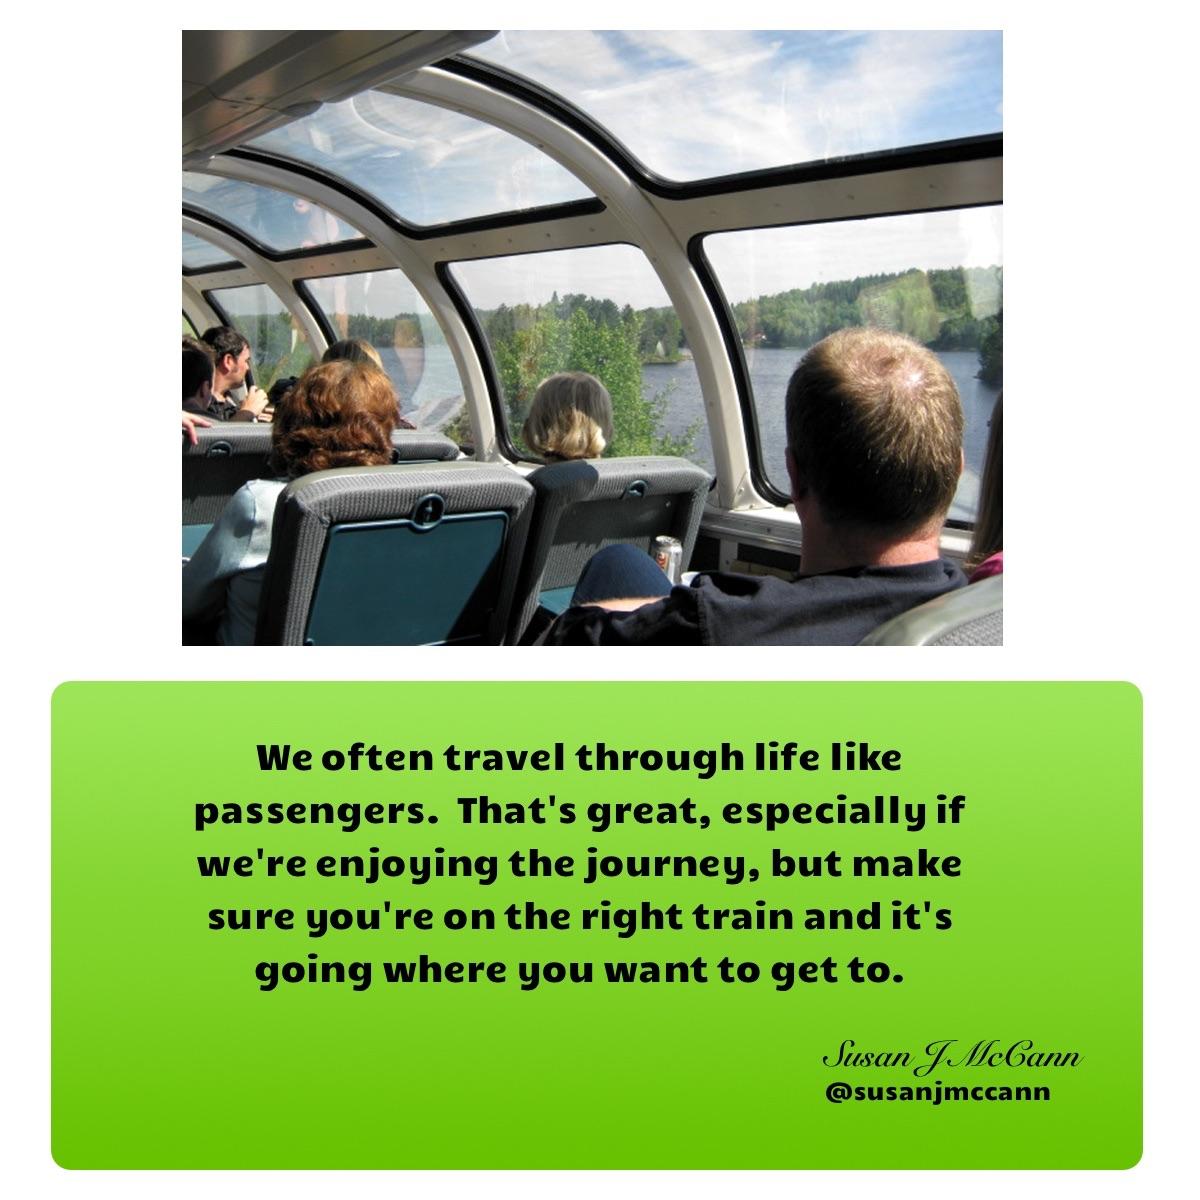 Right Train